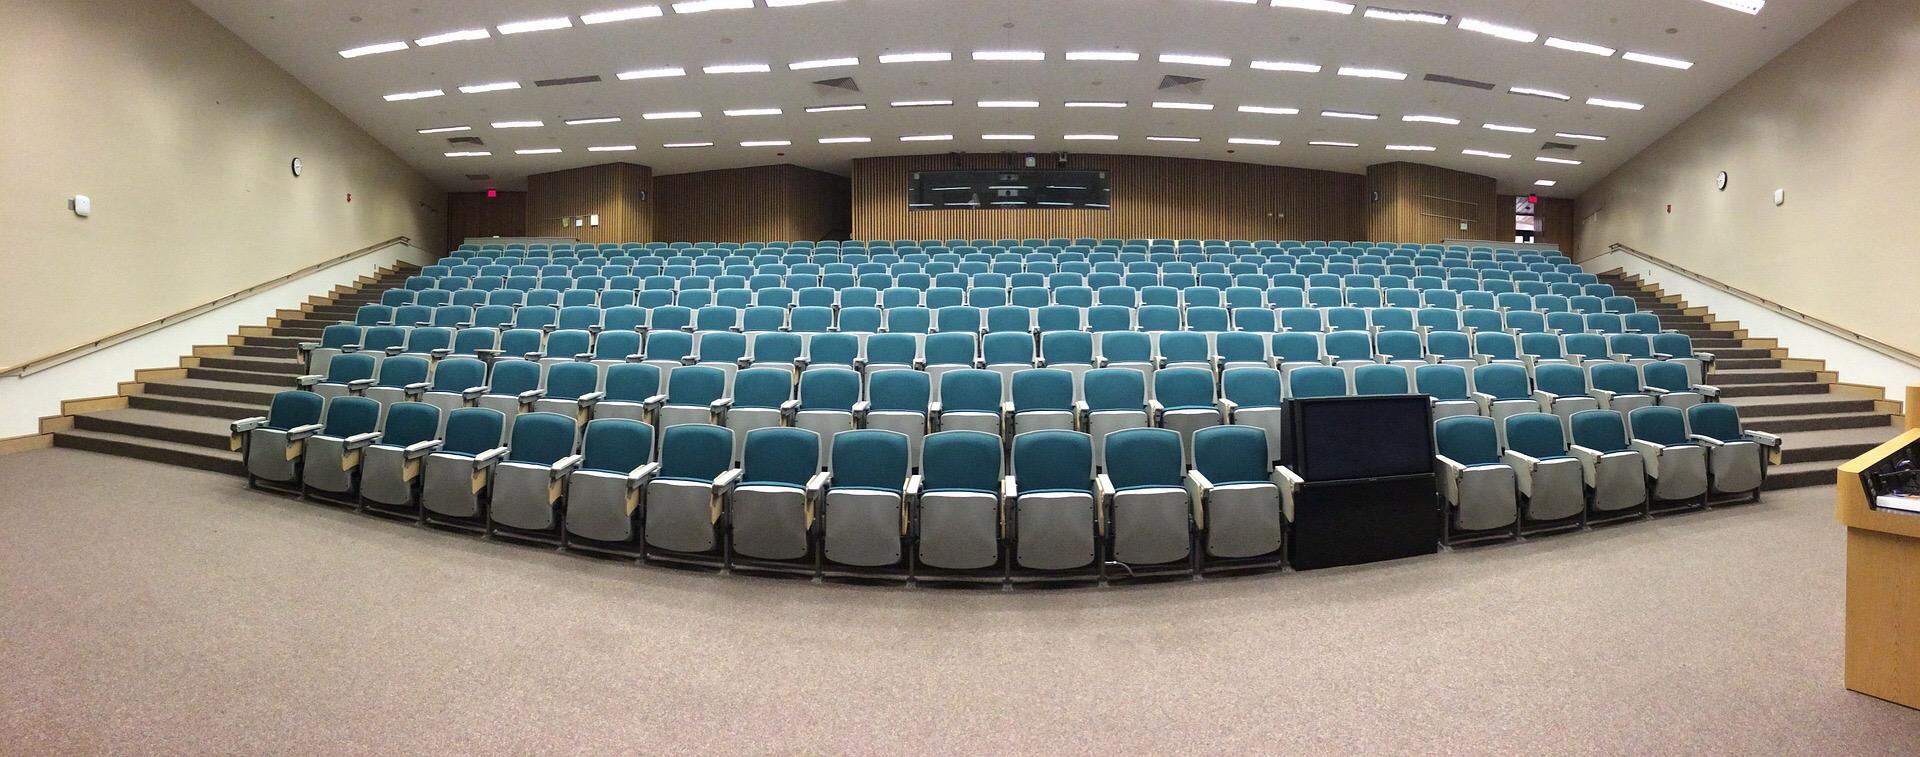 la dificultad de hablar frente a un auditorio abarrotado de gente.